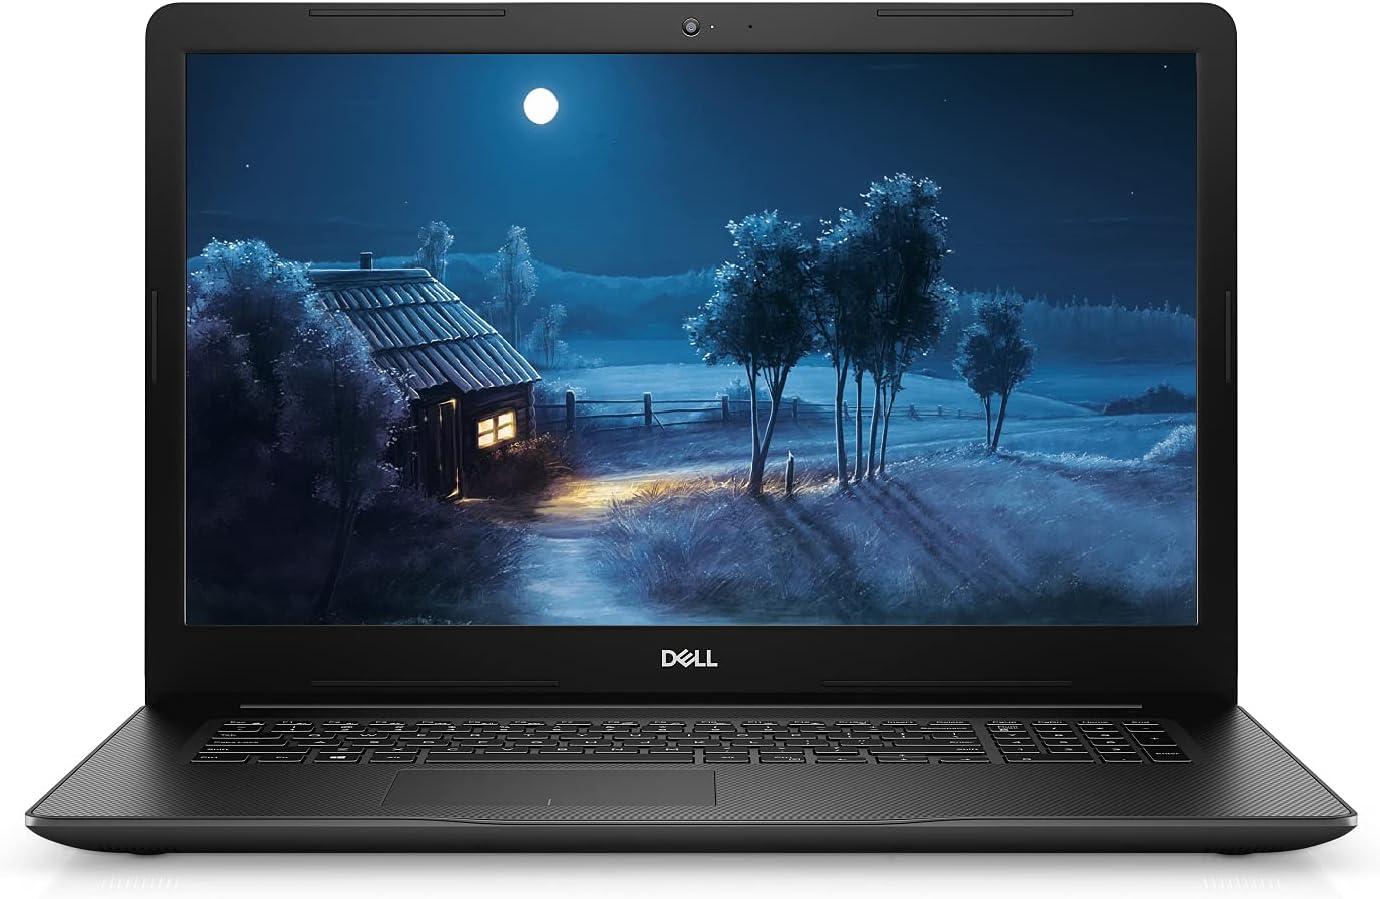 Dell Inspiron 17 3000 3793 17.3